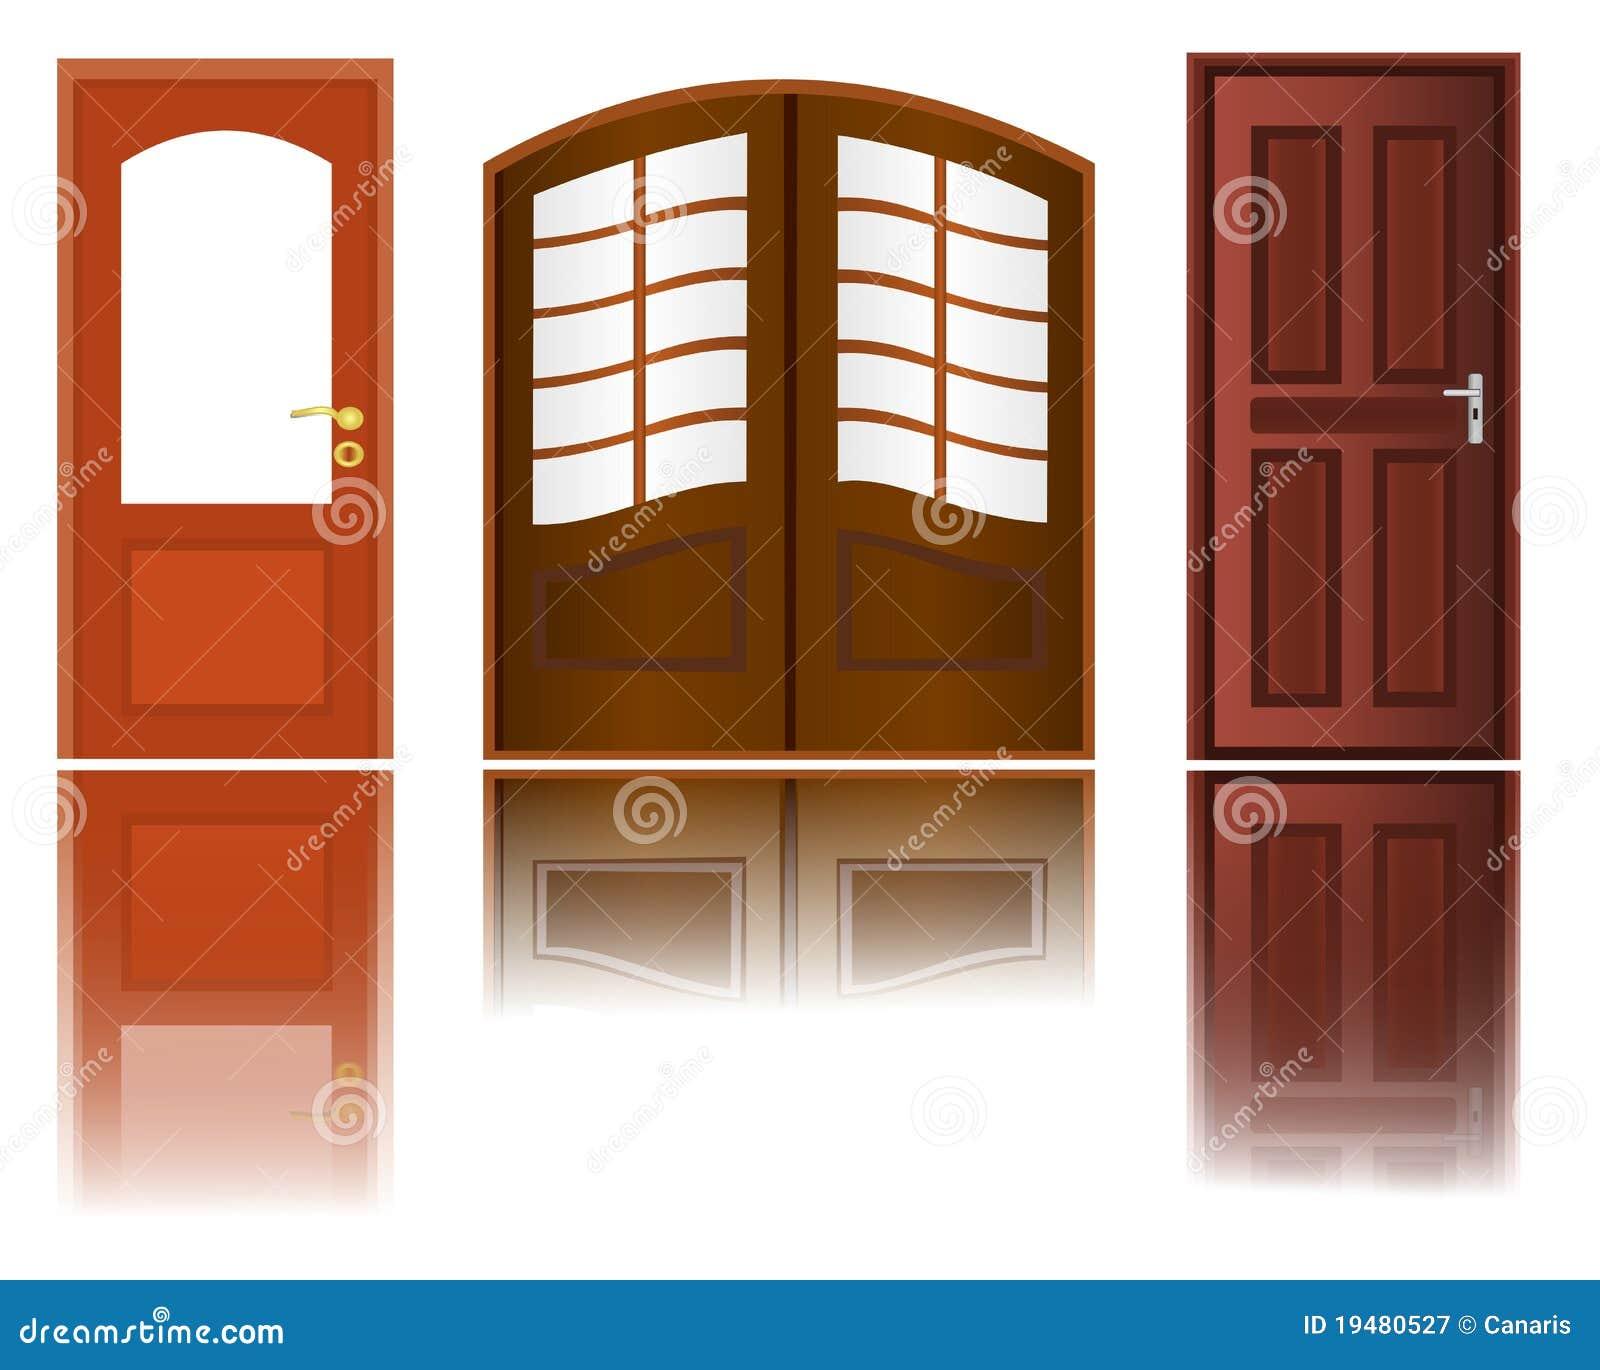 Iconos de puertas de madera ilustraci n del vector for Puertas 3 de febrero